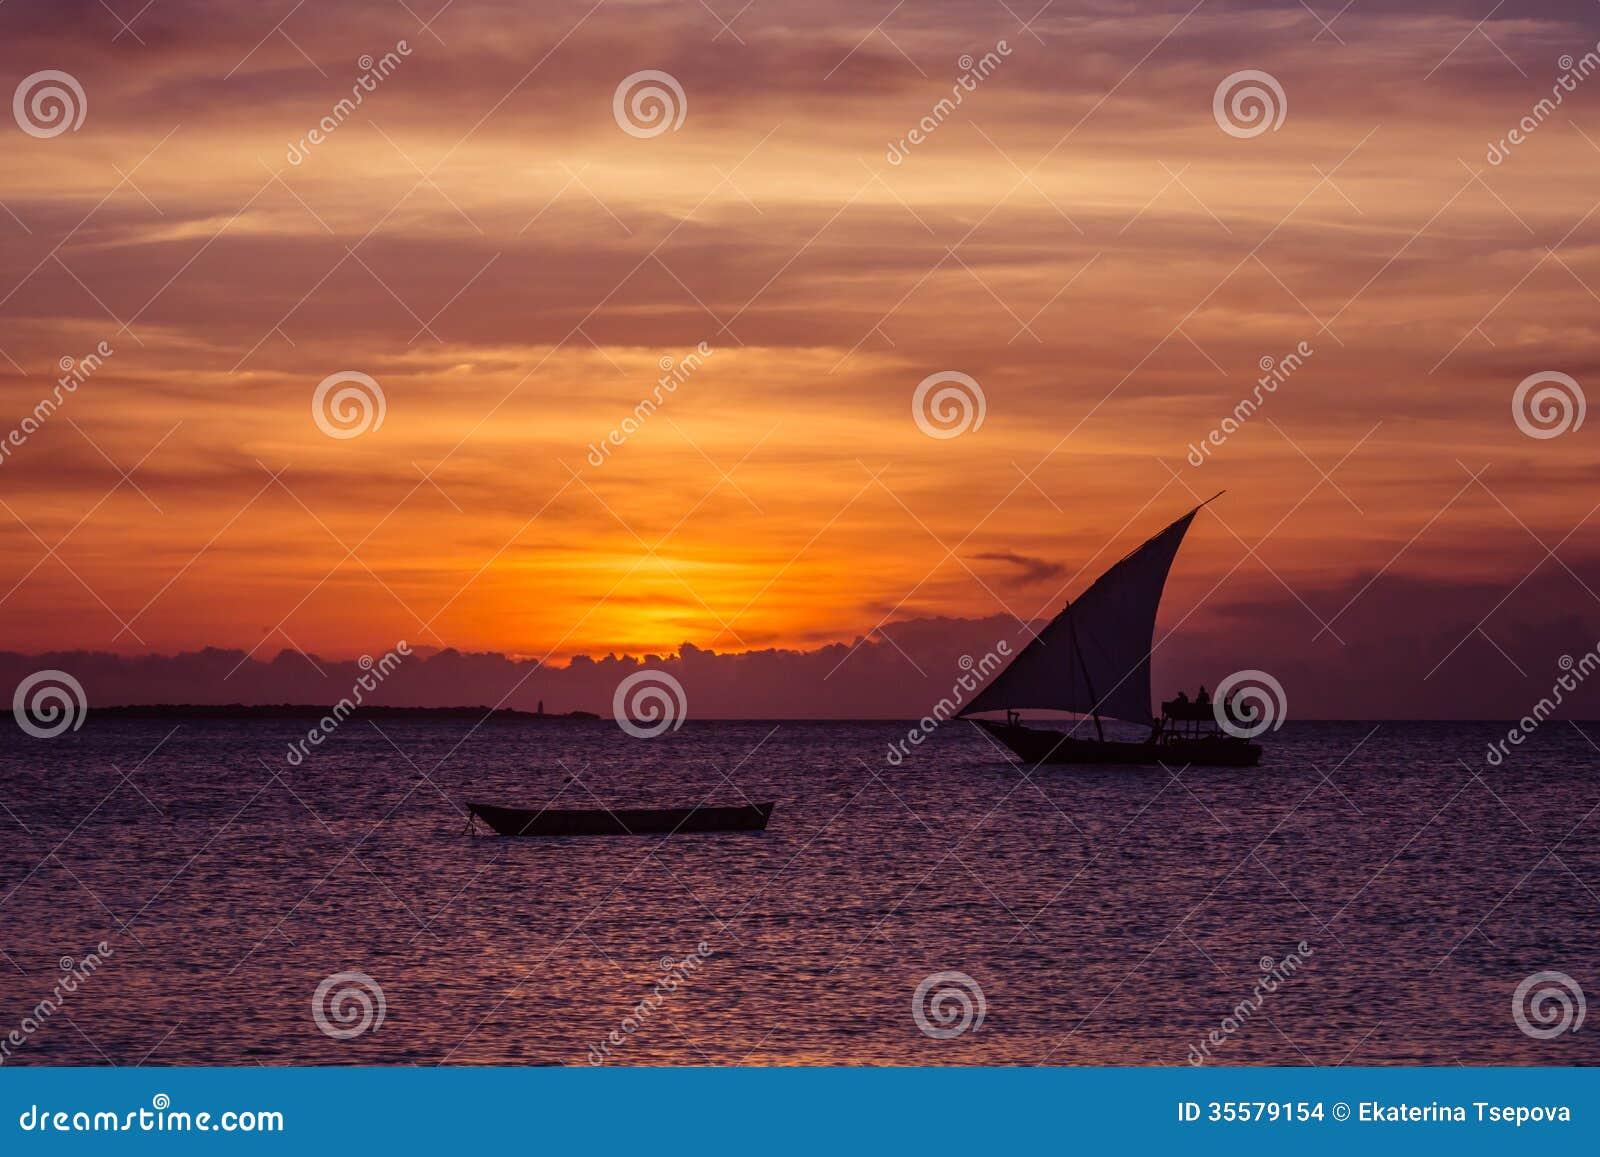 Sunset sail near Zanzibar Island